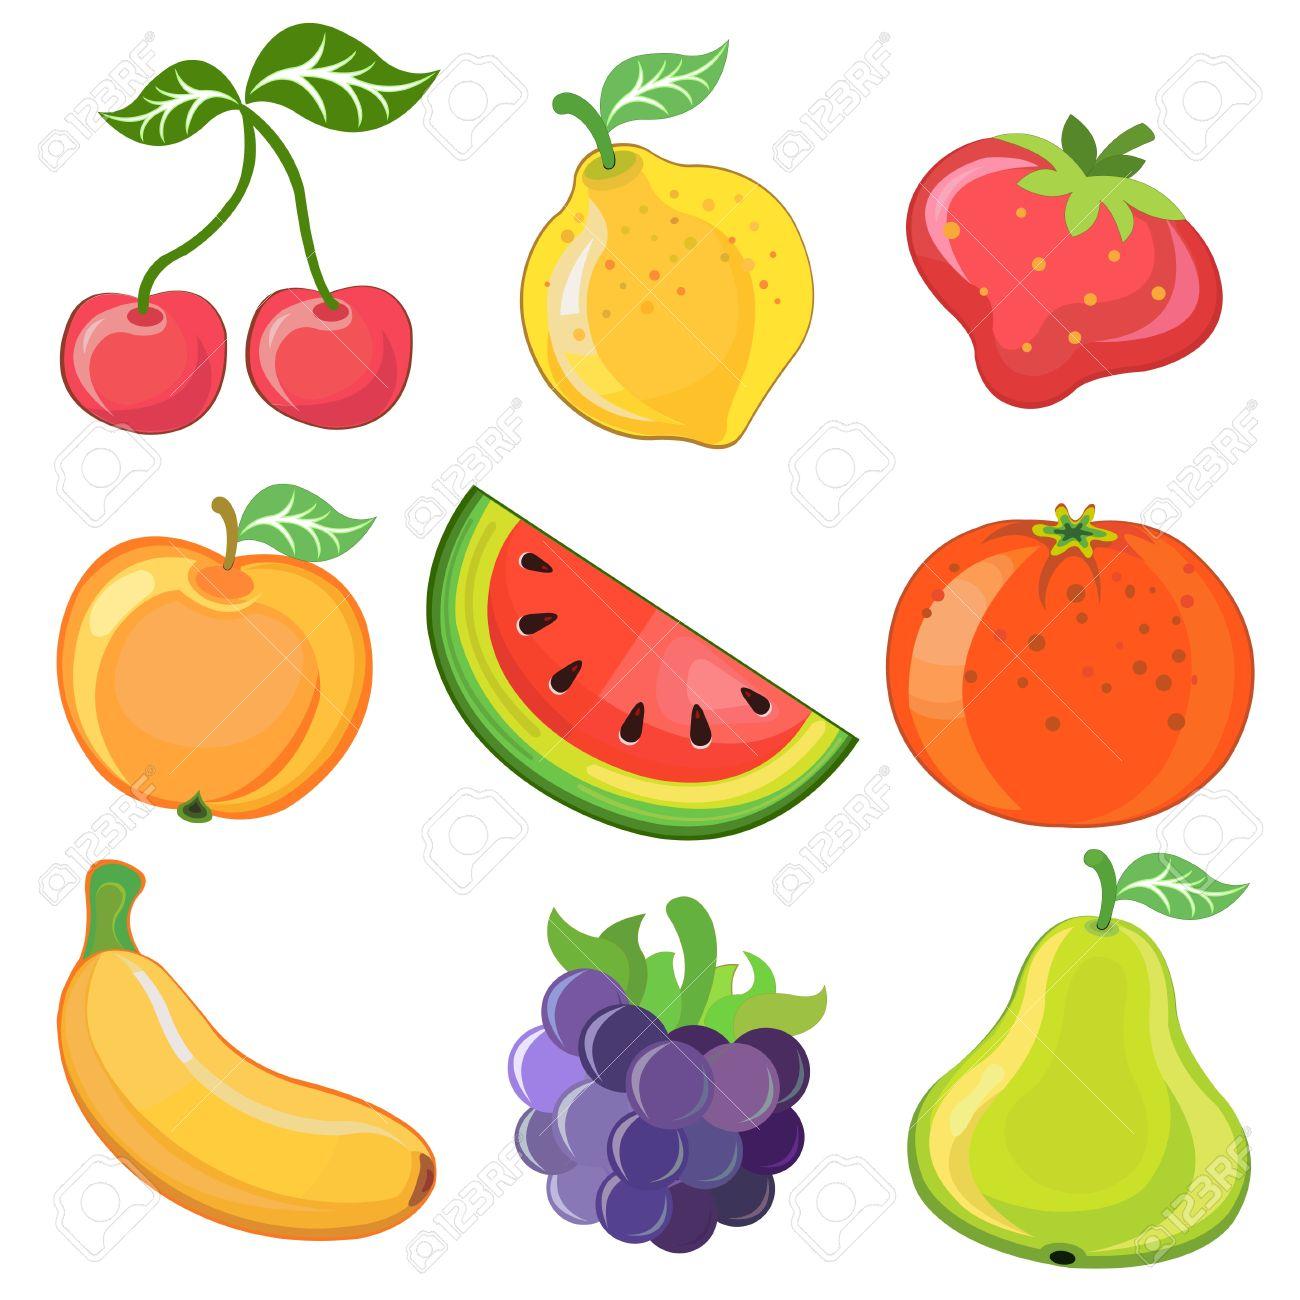 ilustración de dibujos animados de frutas jugosas ilustraciones